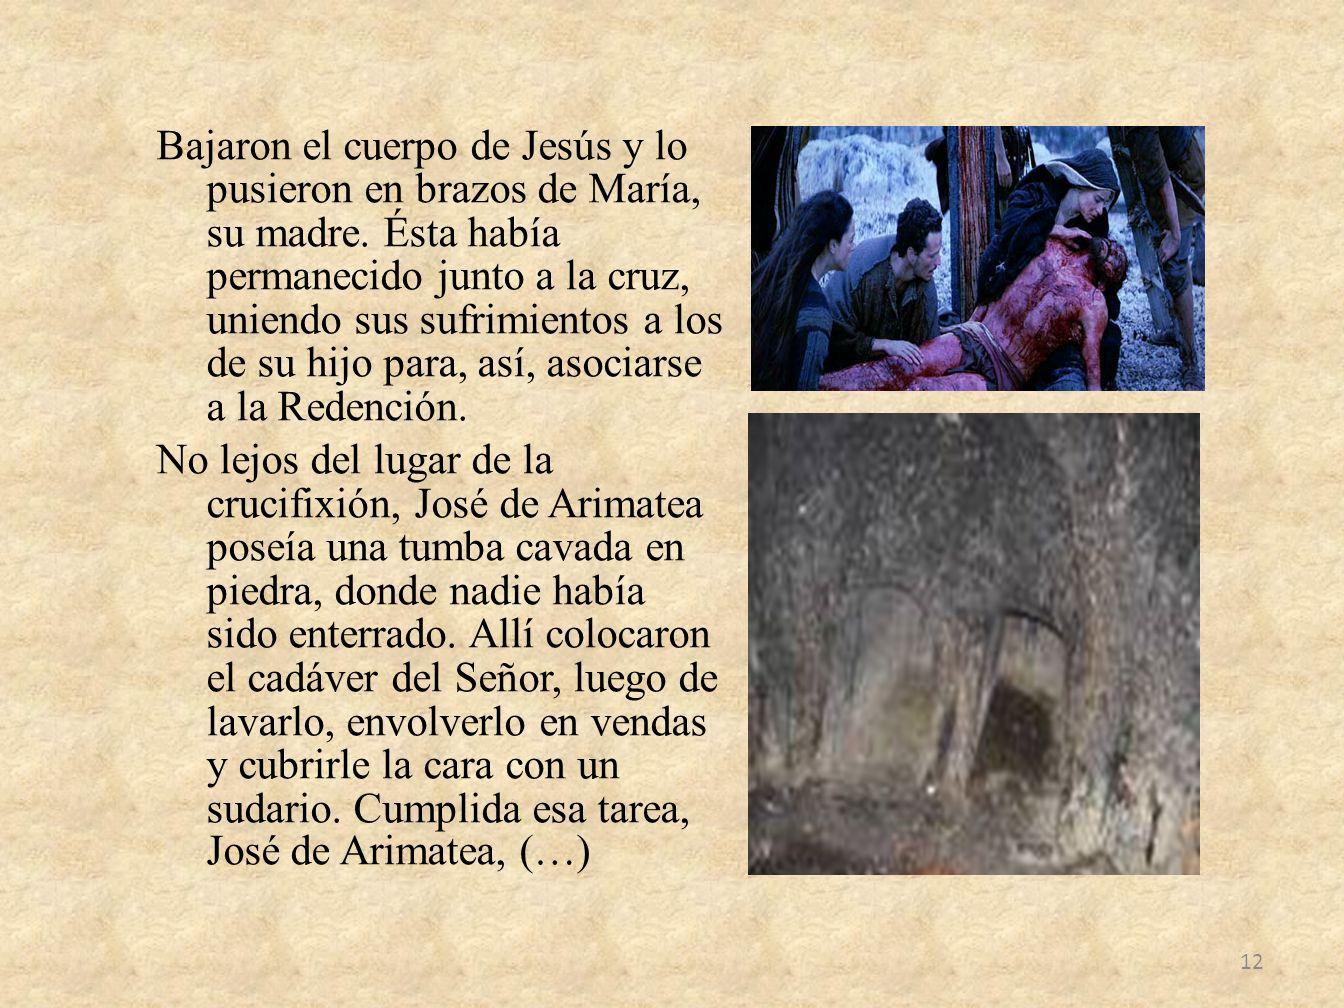 Bajaron el cuerpo de Jesús y lo pusieron en brazos de María, su madre